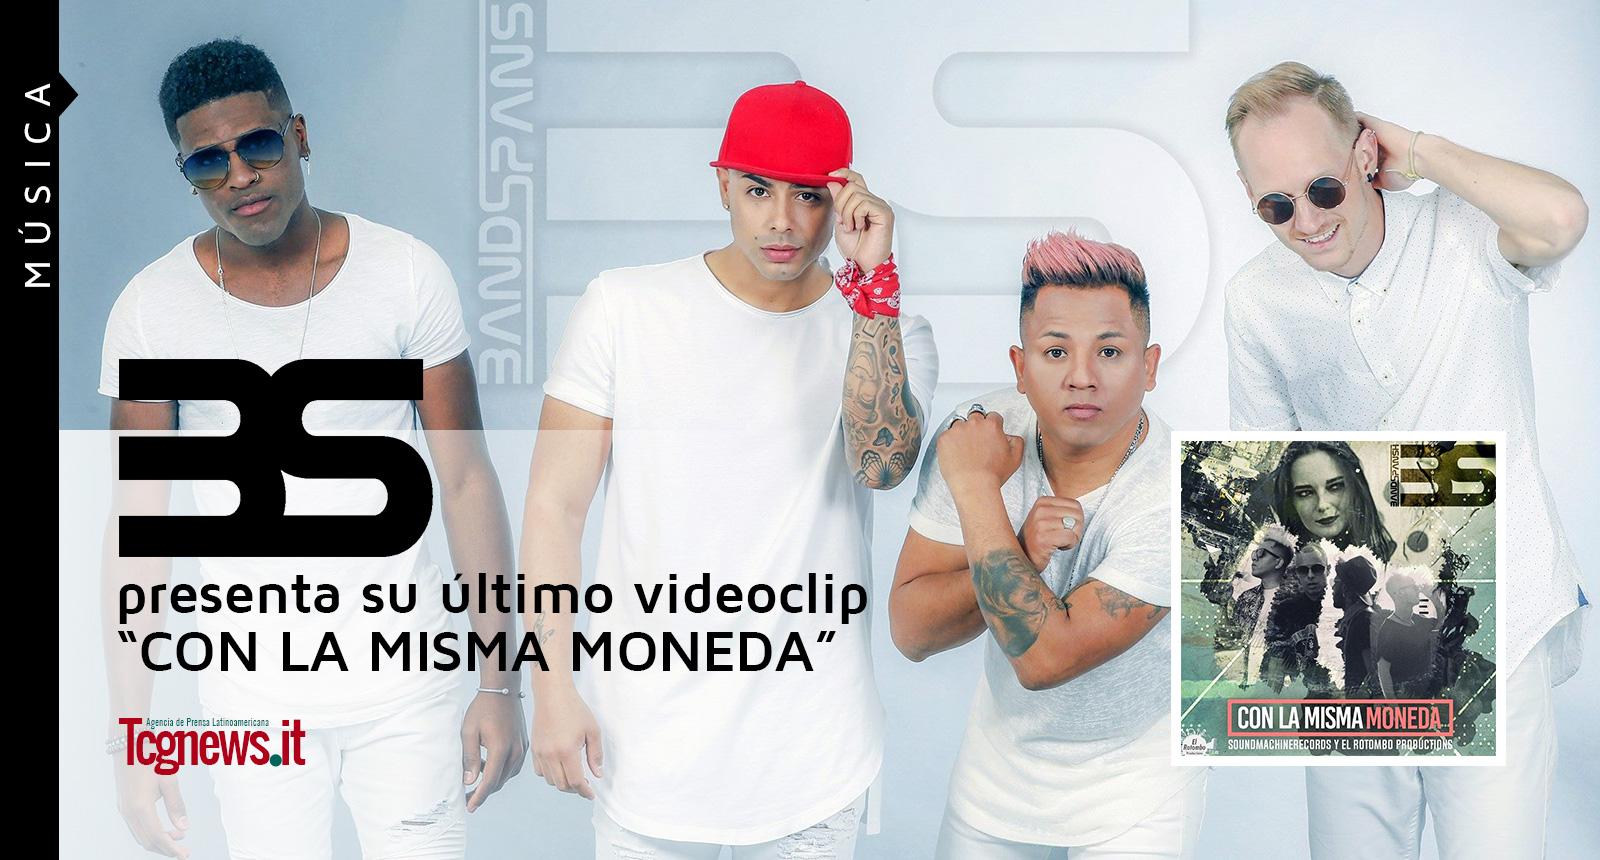 """La Agrupación BS (Bandspansh) presenta su último videoclip """"CON LA MISMA MONEDA"""""""